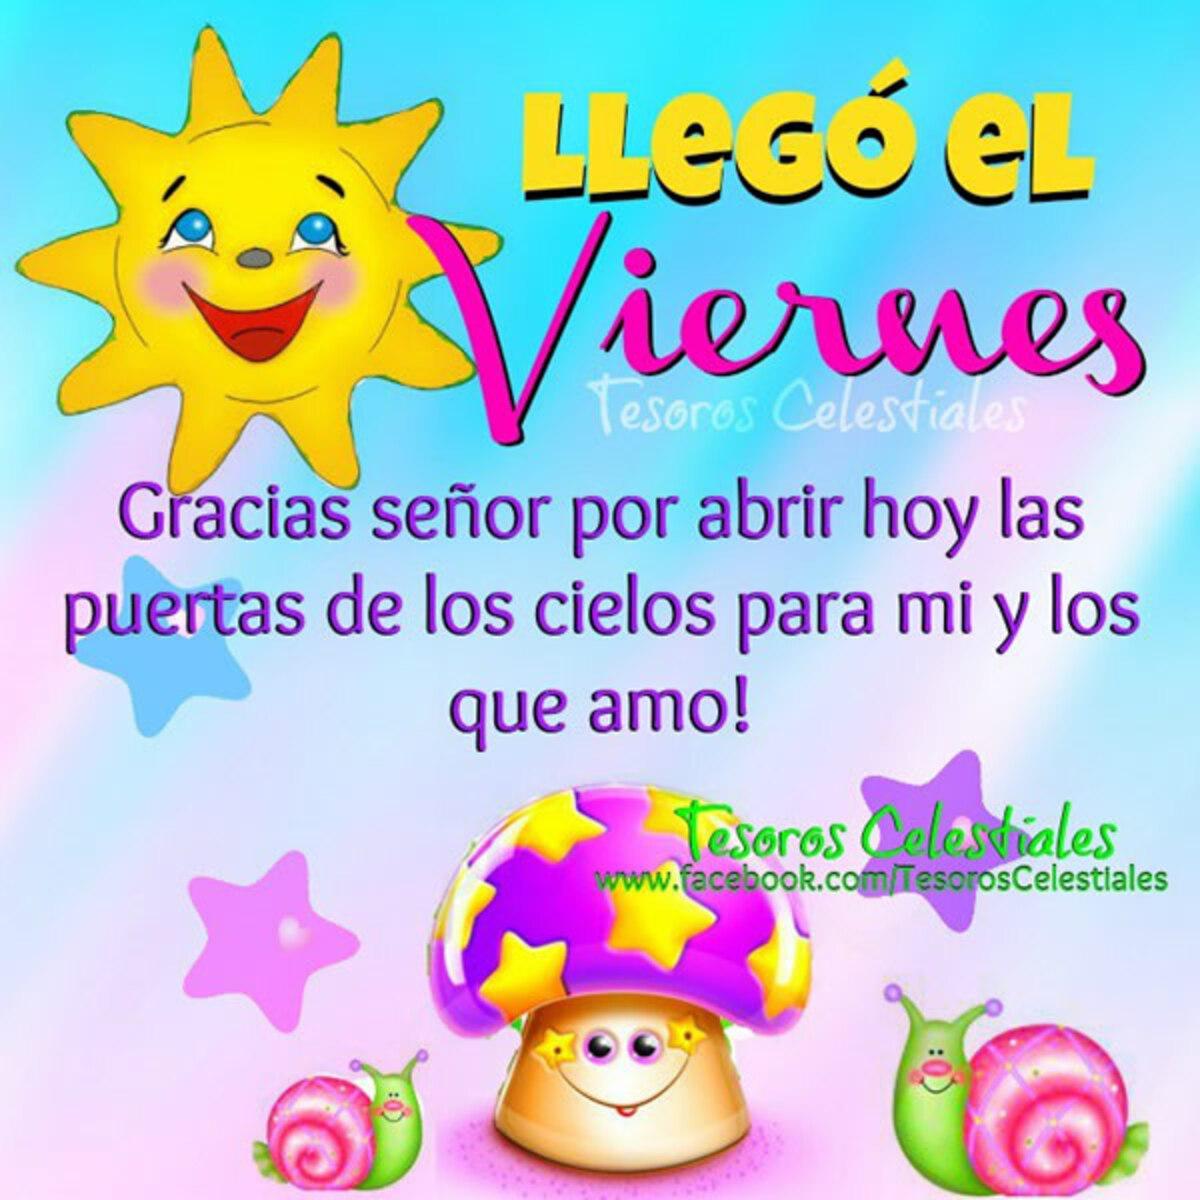 Feliz Viernes con Dios